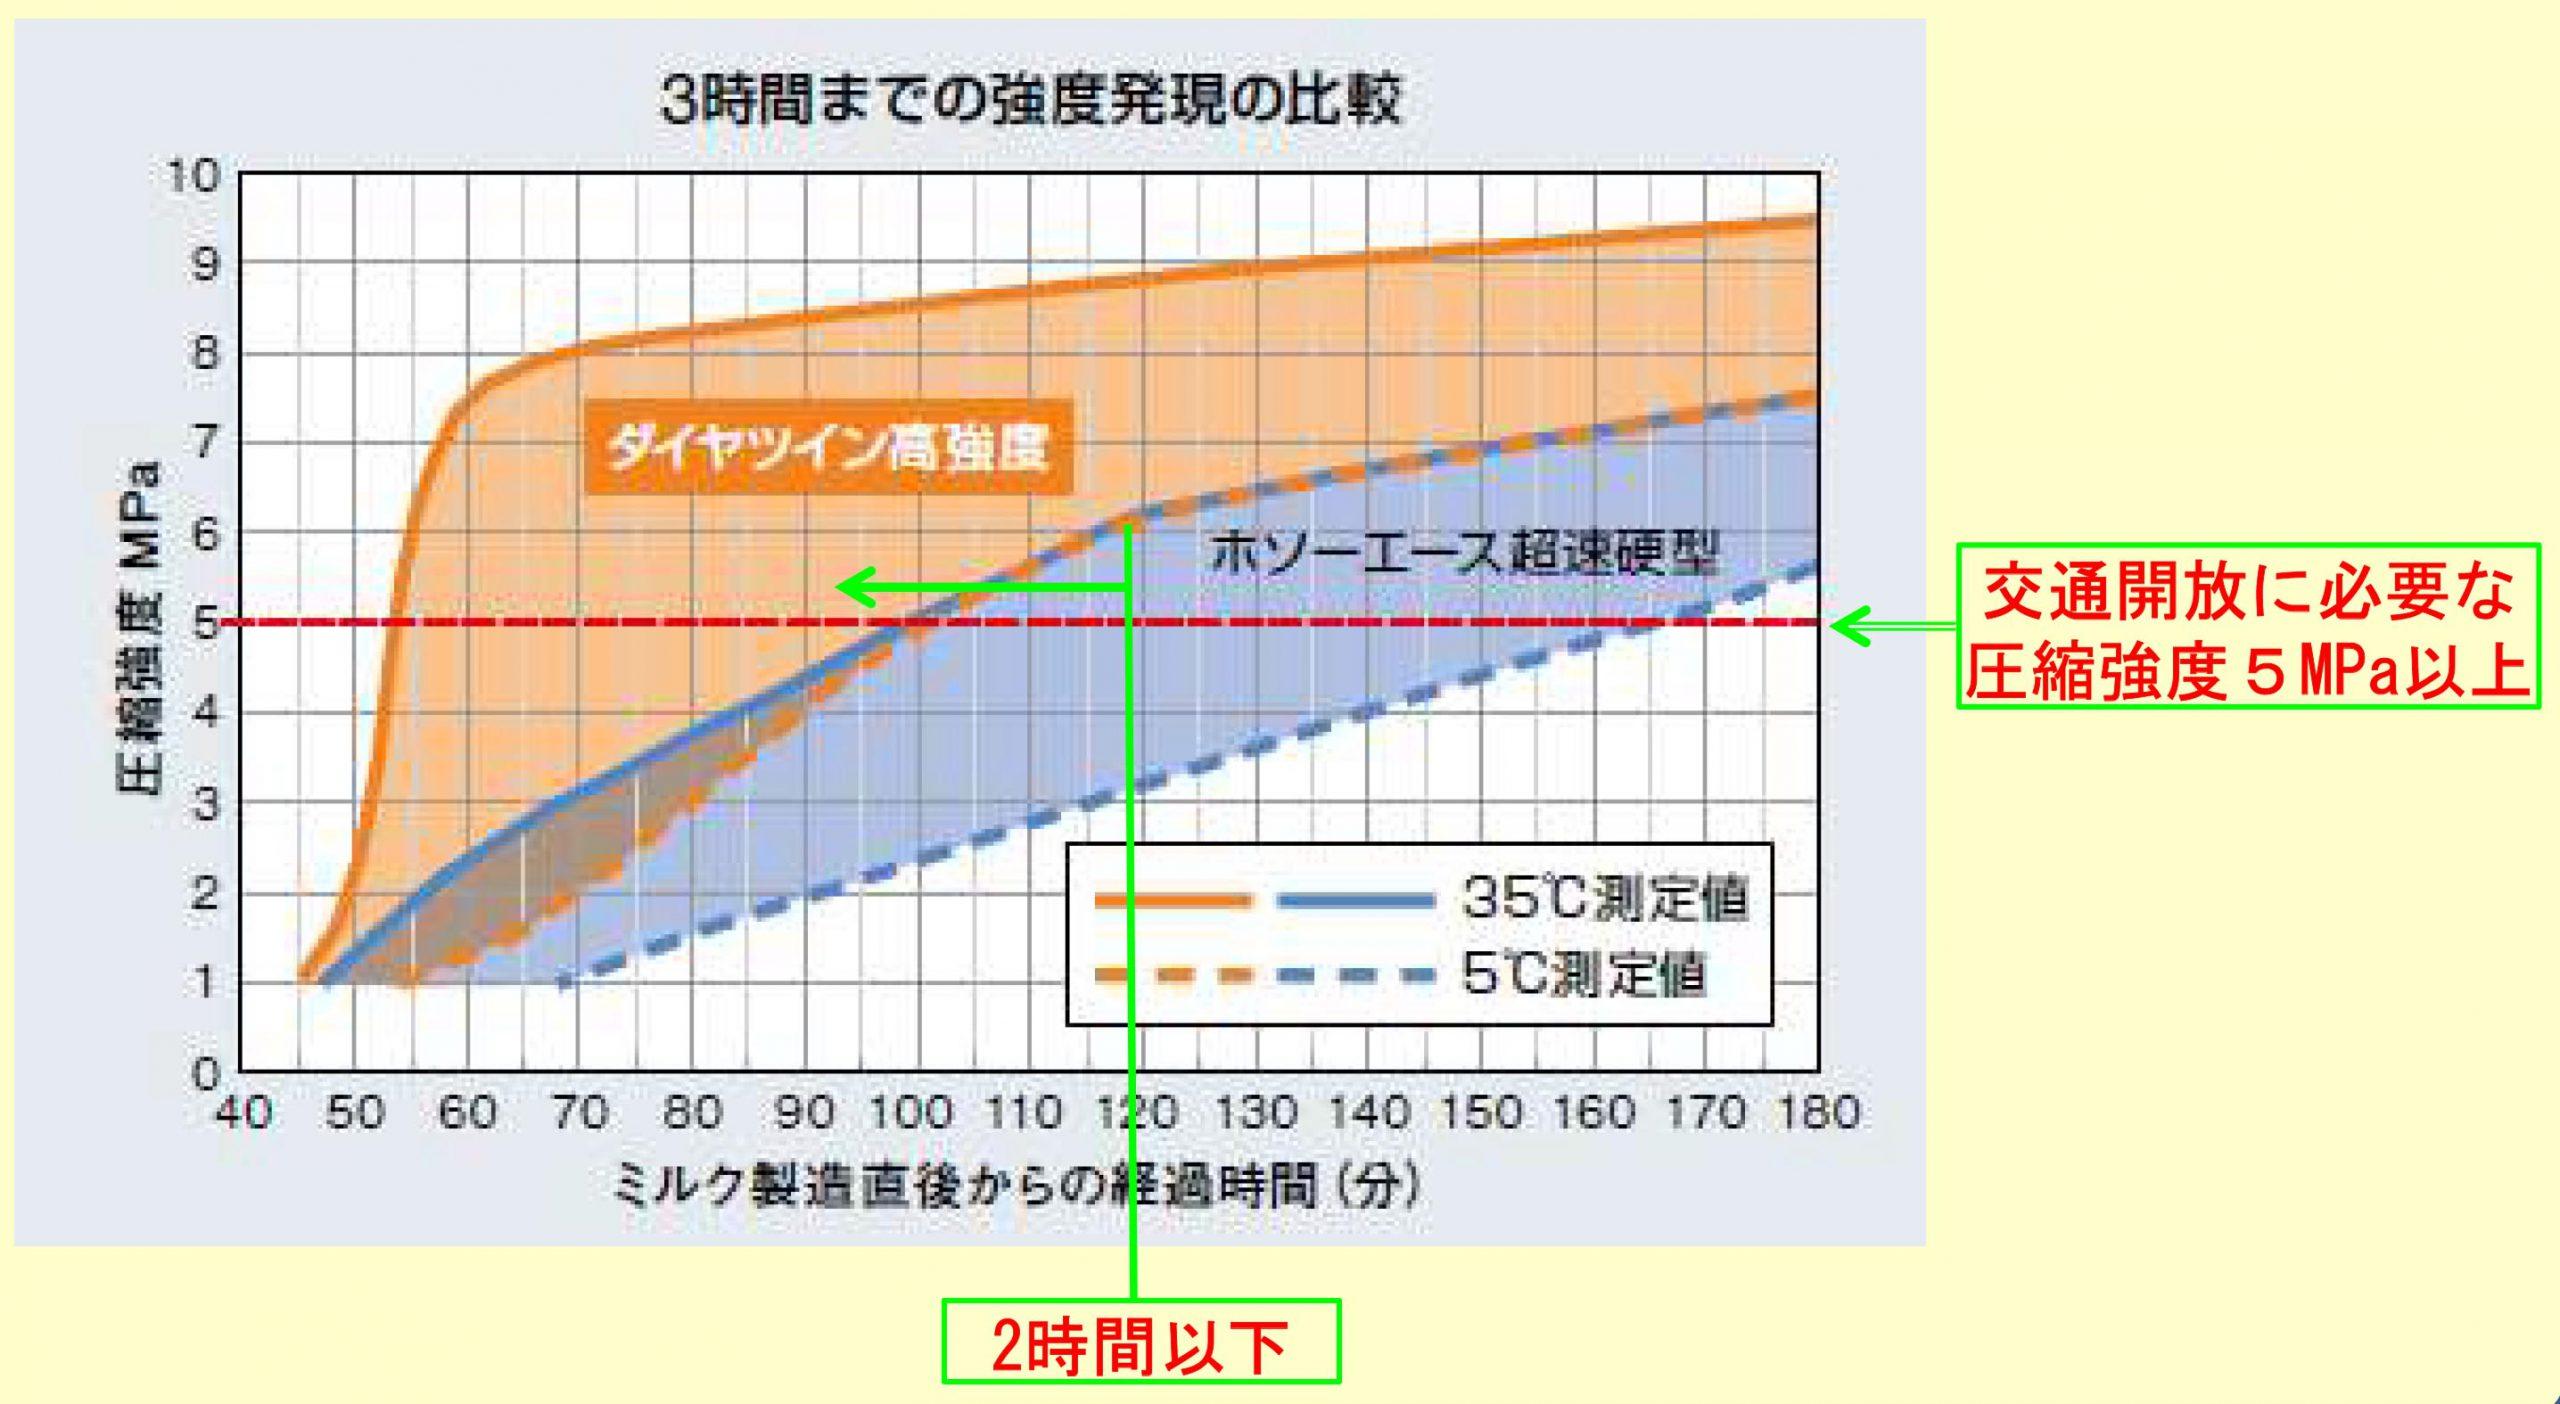 半たわみ性舗装用高強度型超速硬プレミックス材「ダイヤツイン高強度」